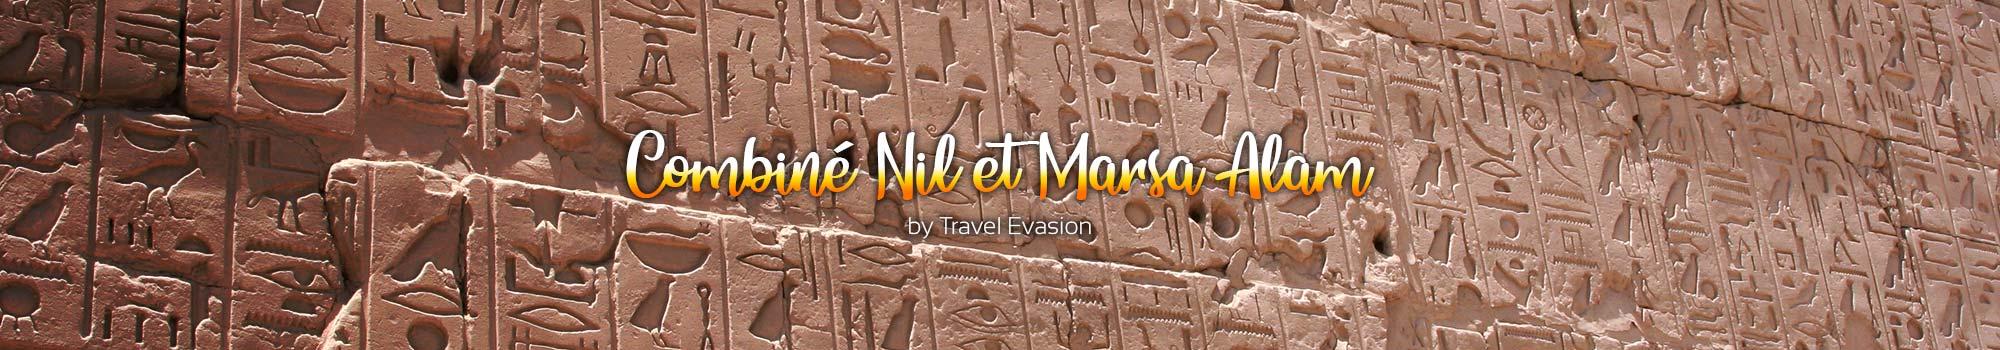 Voyage Egypte, Combinés croisière sur le nil et séjour Marsa Alam